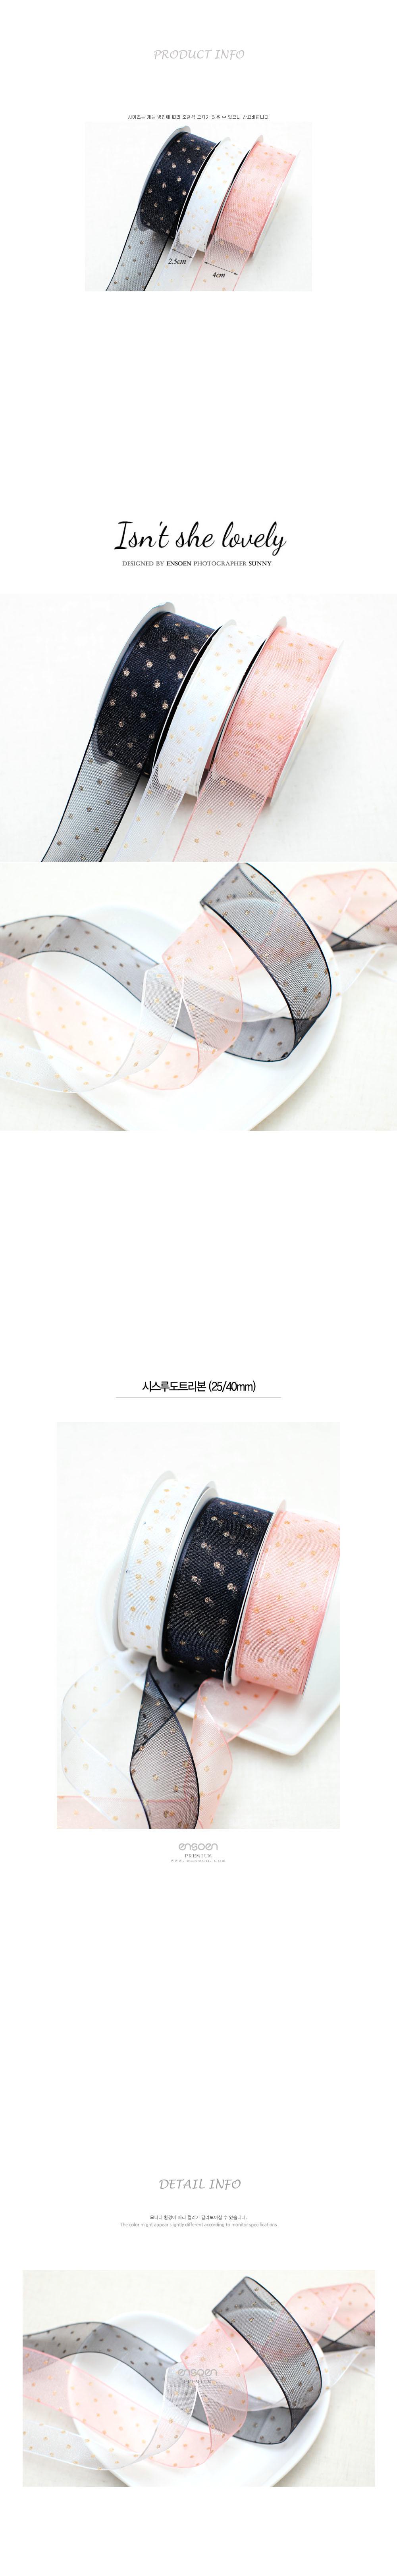 (골드)시스루도트리본 (25. 40mm EJ1) - 엔소엔, 1,440원, 리본공예, 리본